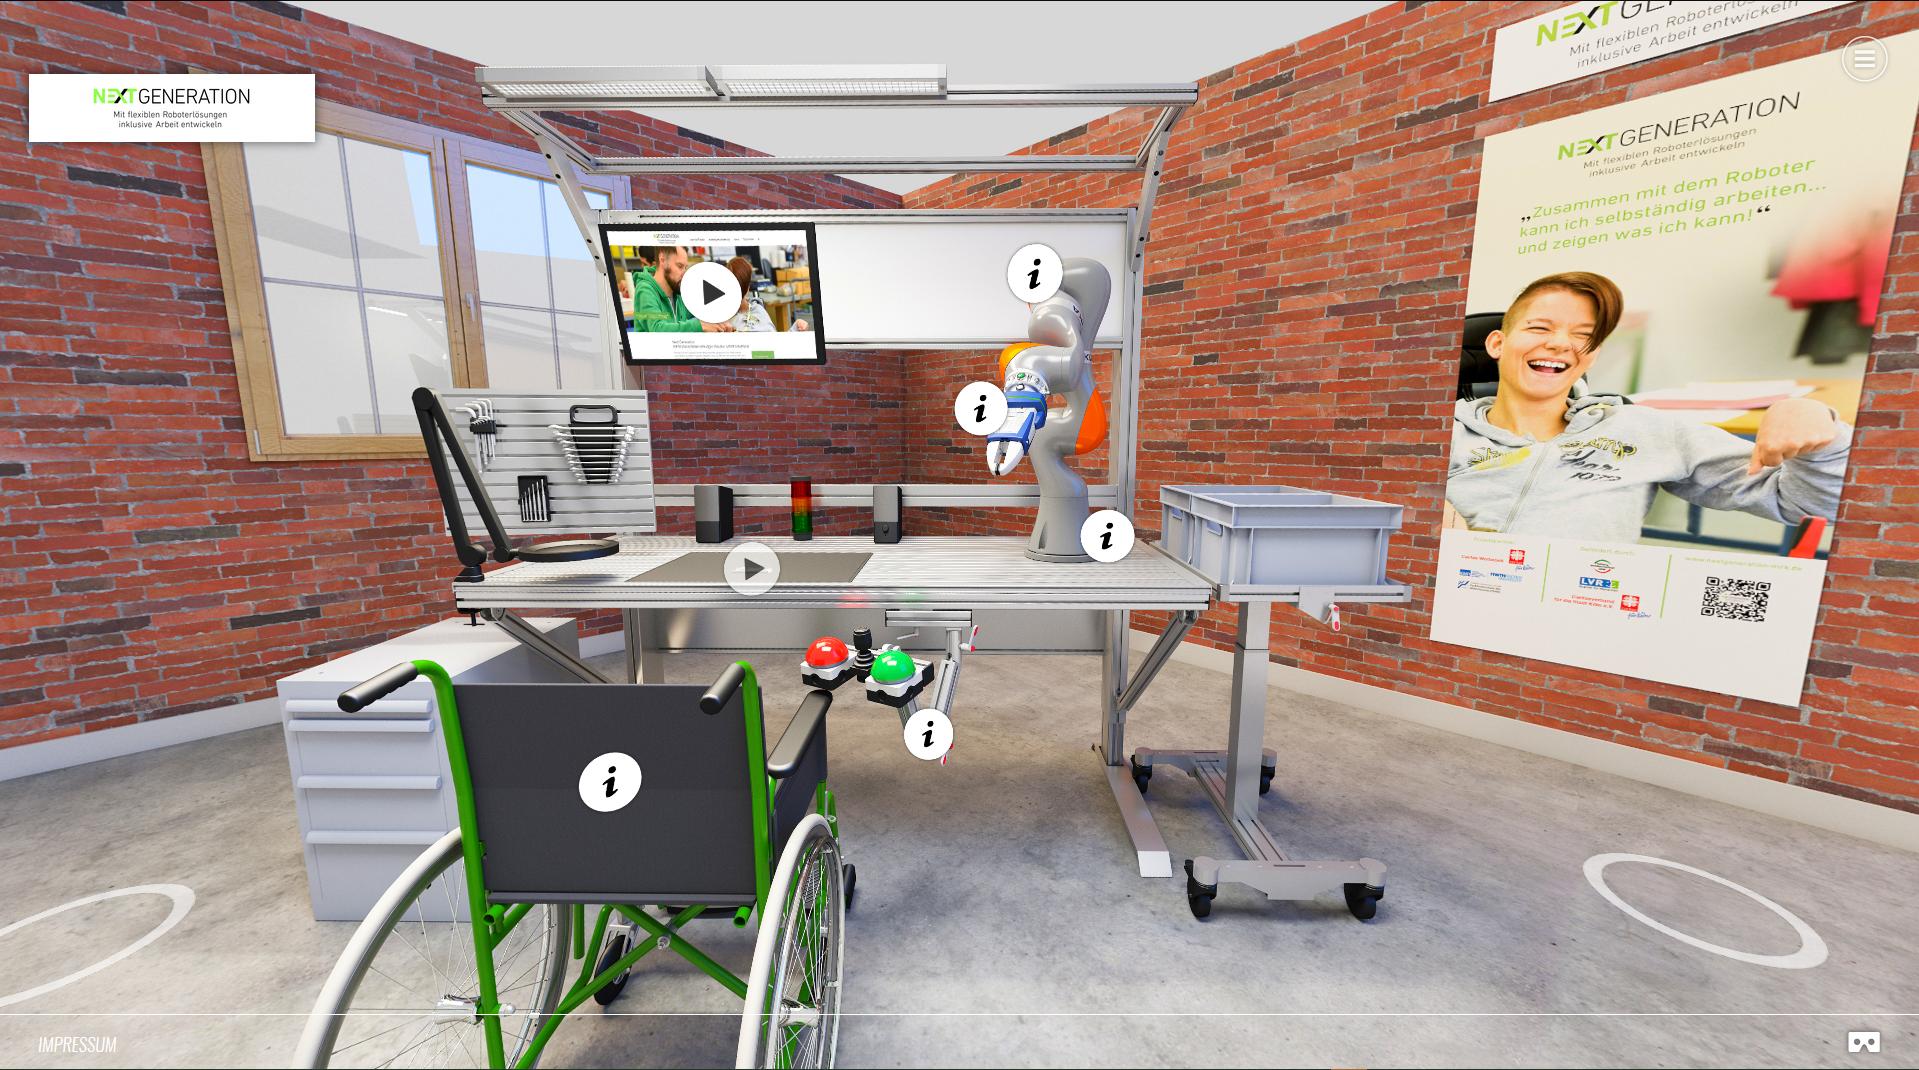 Foto inklusiver Arbeitsplatz: Rollstuhl vor Arbeitstisch mit Roboter, Werkzeugen und Visualisierungsmonitor